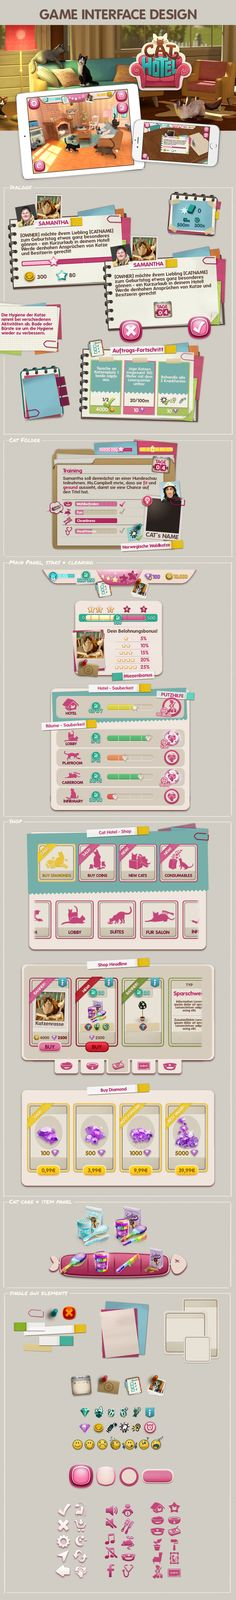 Ознакомьтесь с этим проектом @Behance: «GAME INTERFACE DESIGN - CAT HOTEL» https://www.behance.net/gallery/47462695/GAME-INTERFACE-DESIGN-CAT-HOTEL